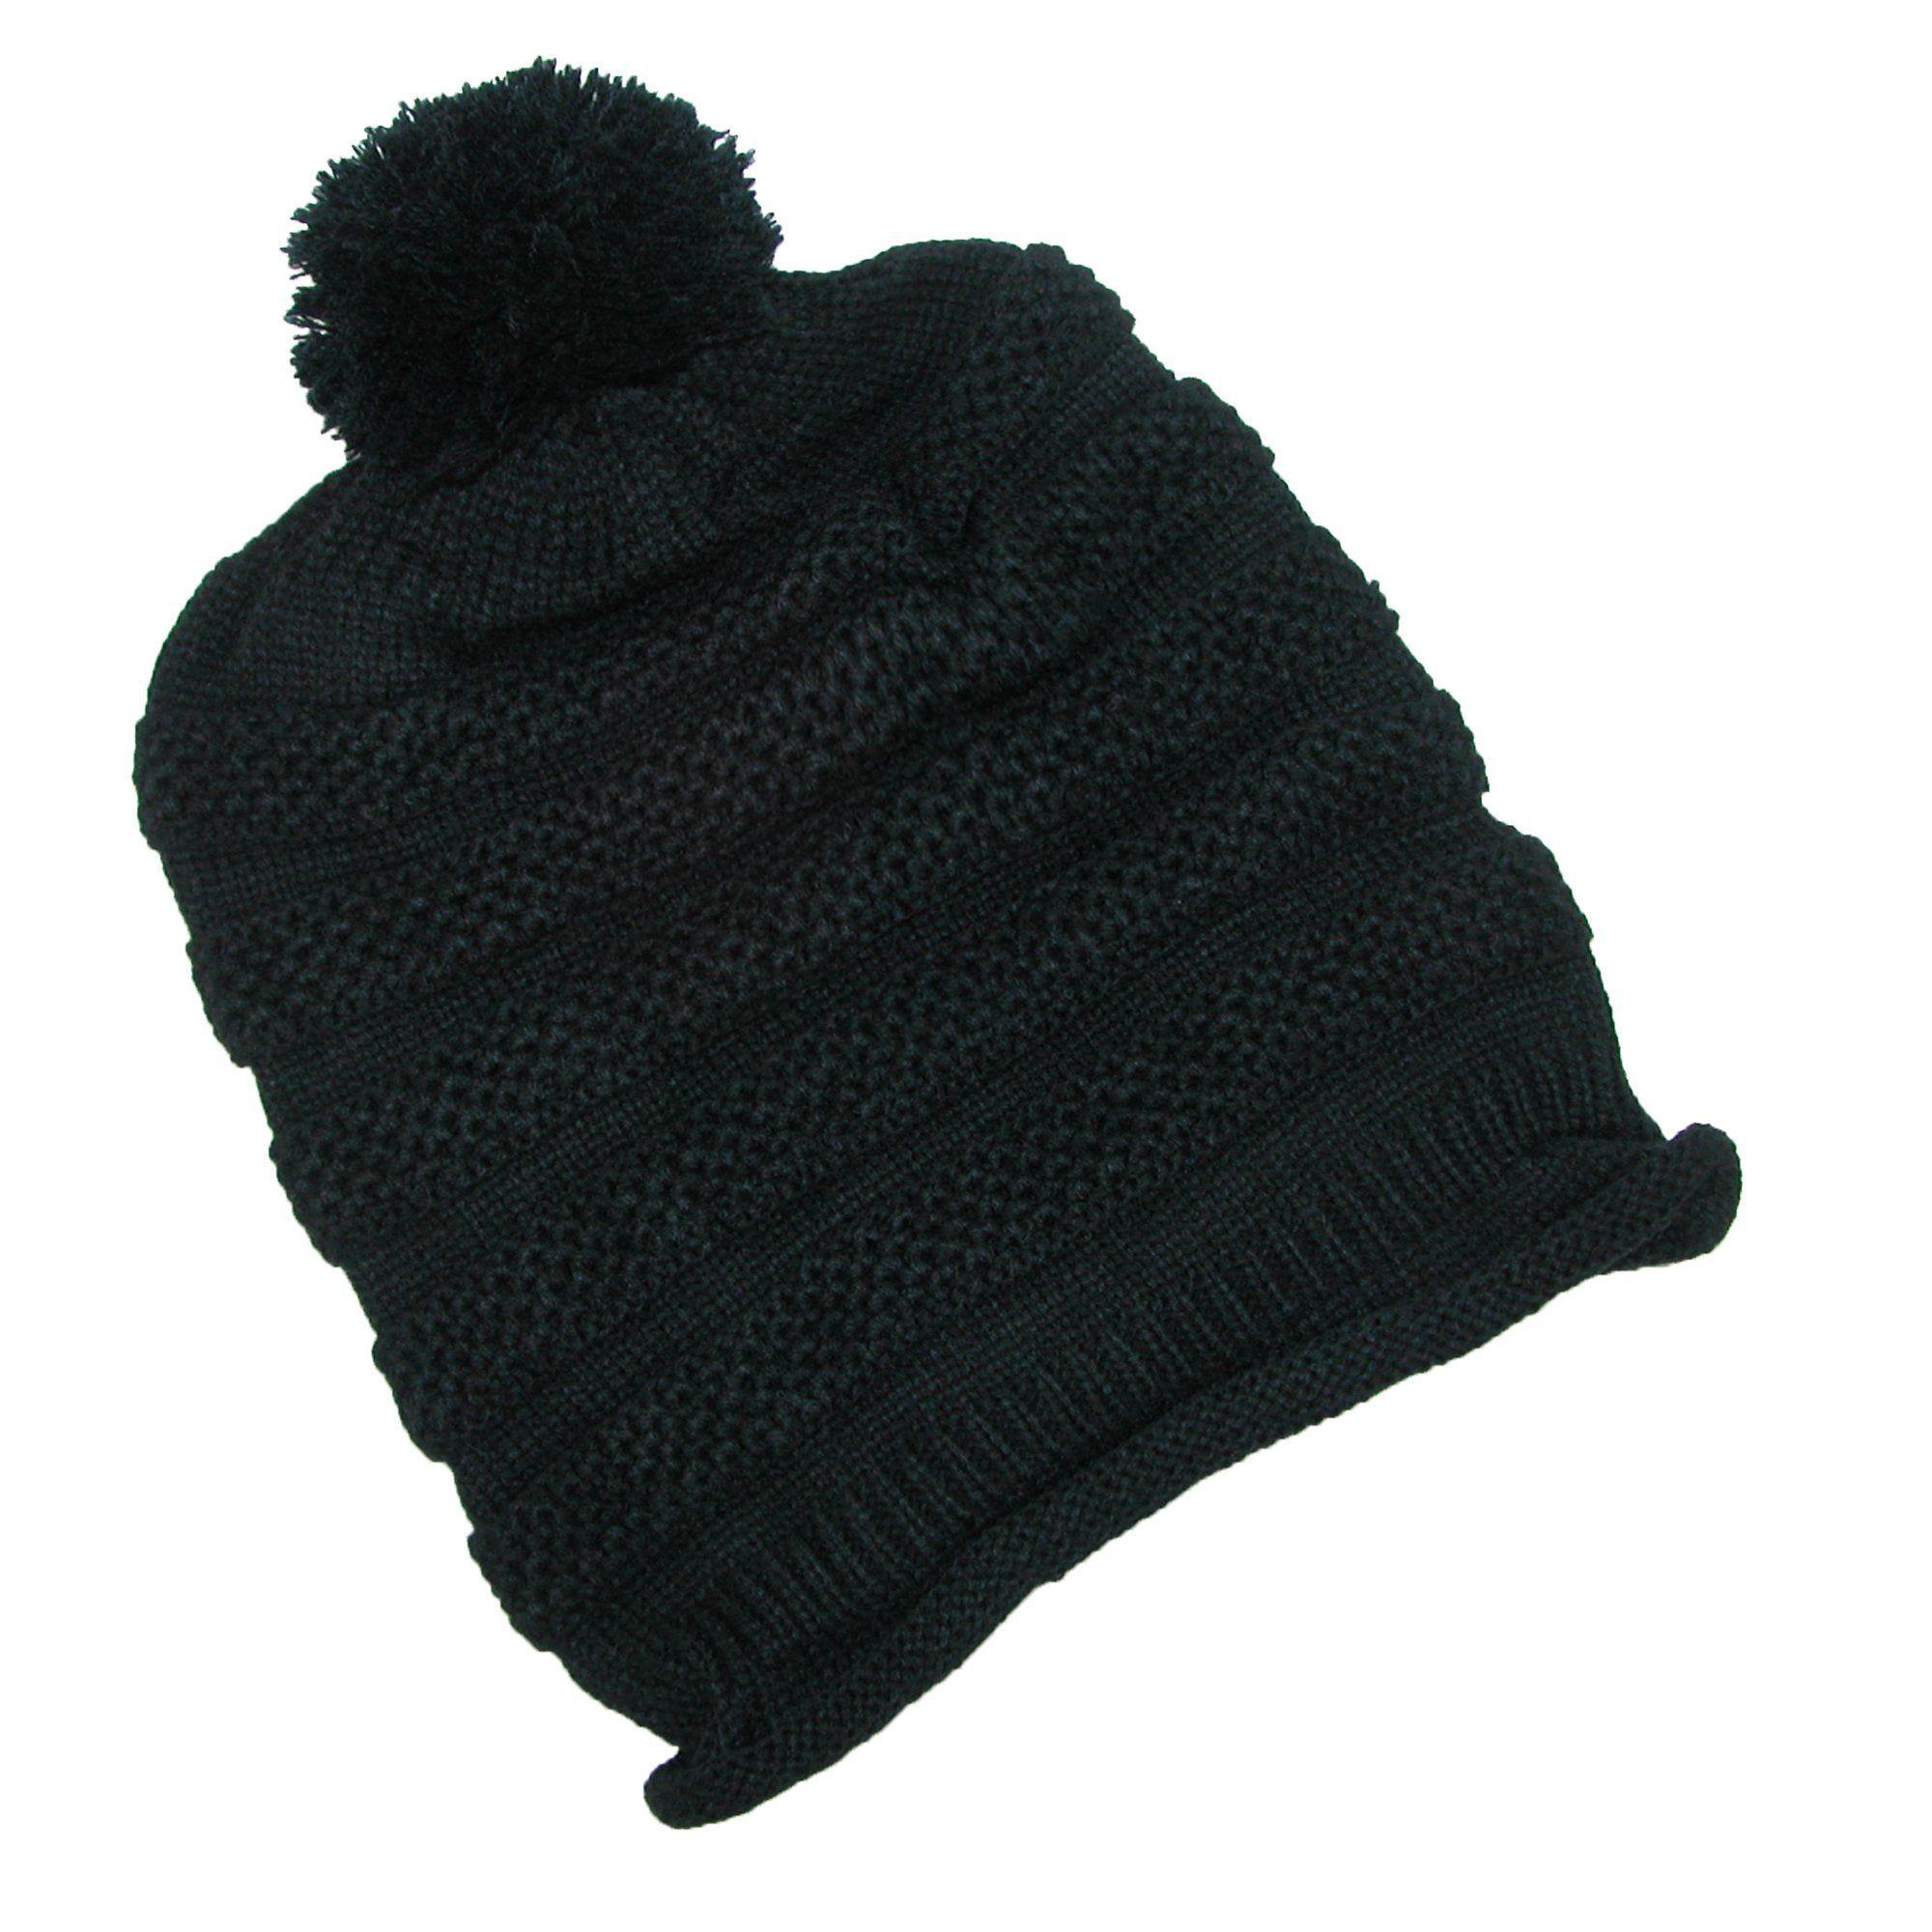 e71cc642c05 Dynamic Asia Women s Textured Knit Beanie Hat with Pom Pom